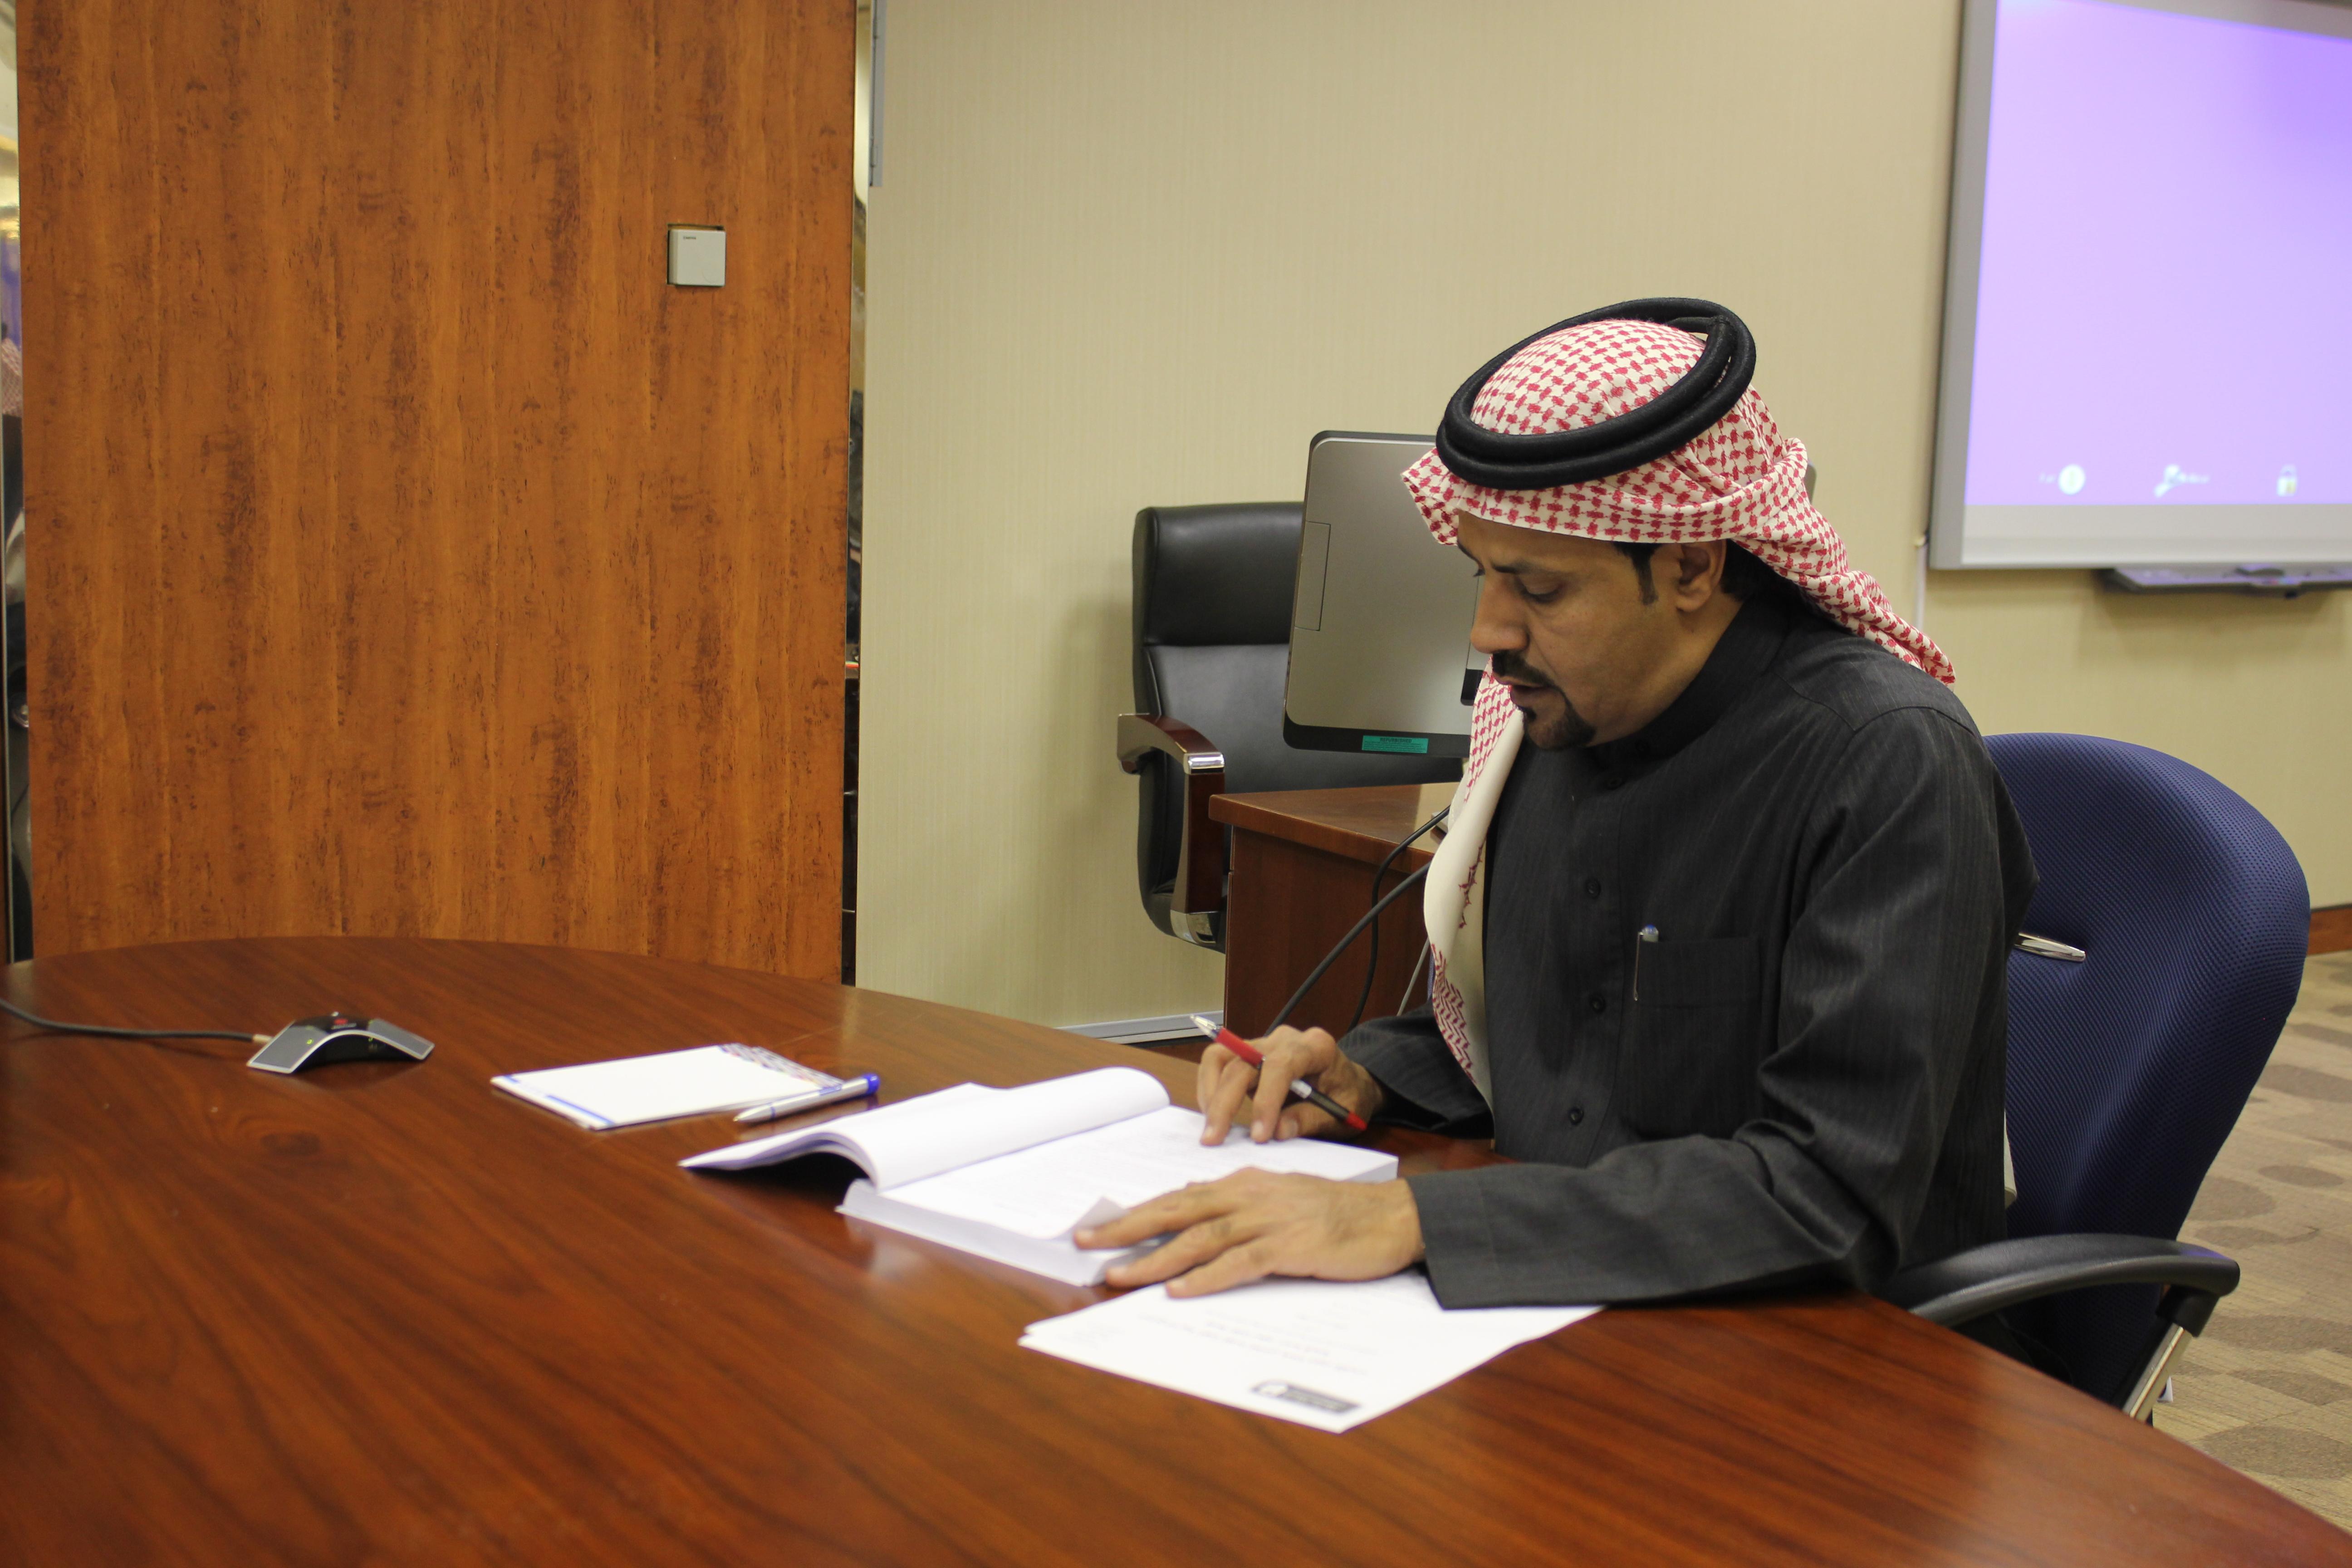 """الماجستير لــ""""سلطان المالكي"""" عن البرامج التدريبية المهنية المقدمة للعاملين في عمادة شؤون المكتبات"""